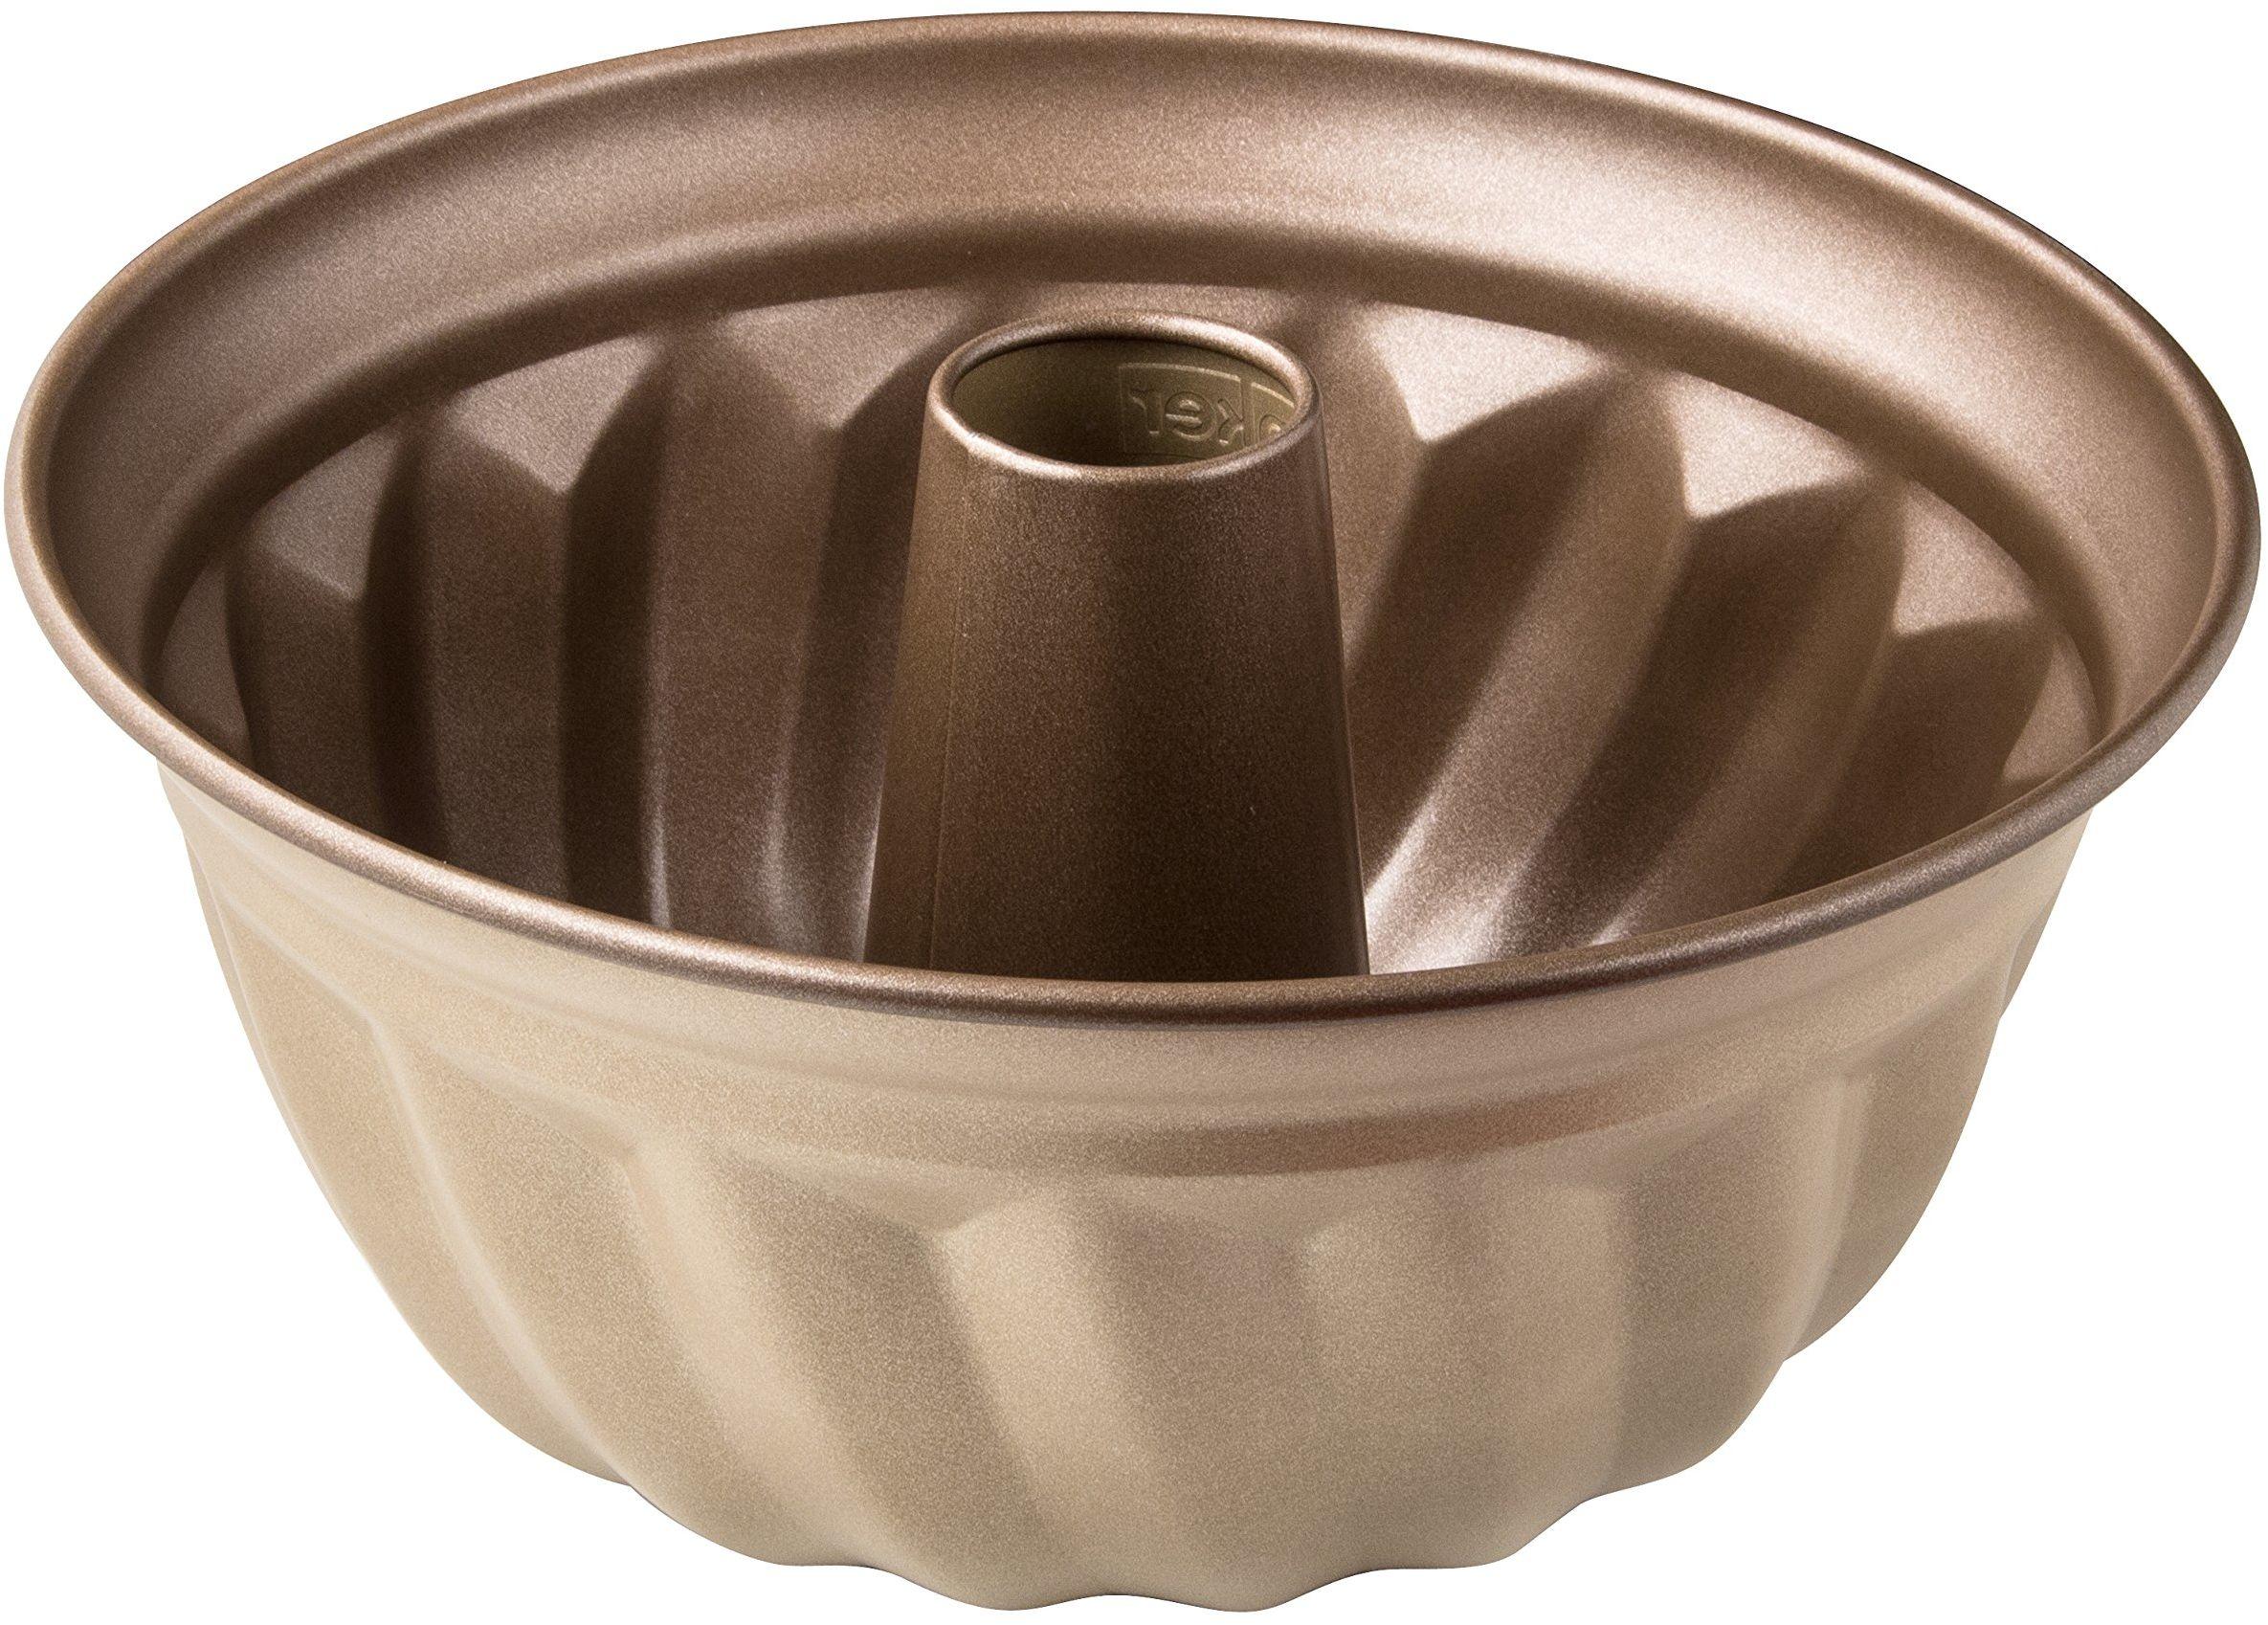 Zenker MOJAVE GOLD forma do pieczenia z blachy stalowej, forma do ciasta z wzmocnioną ceramiczną powłoką zapobiegającą przywieraniu (kolor: mahoń/złoty), ilość: 1 sztuka